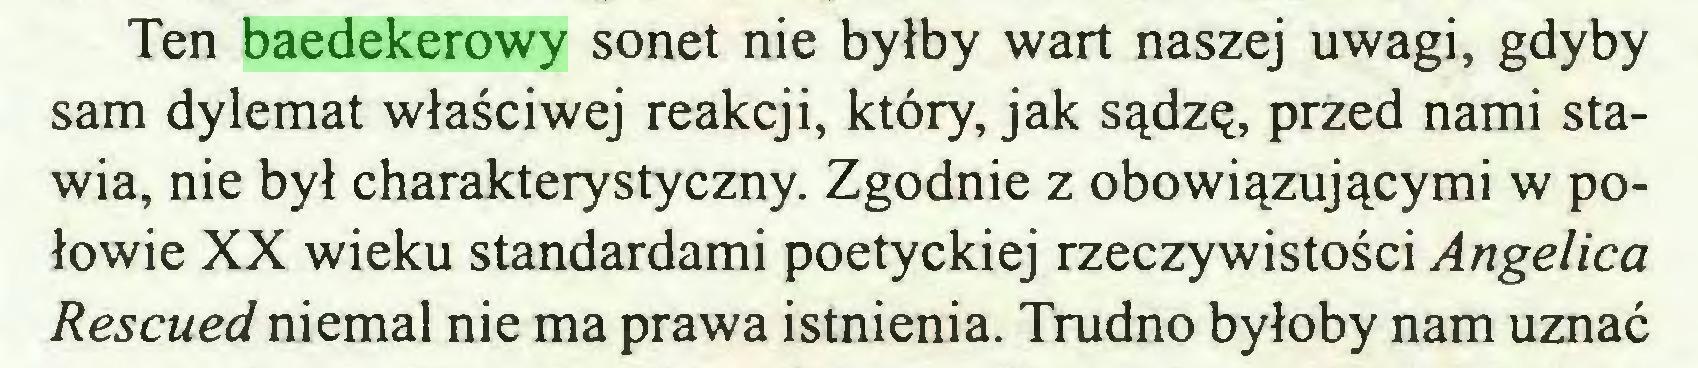 (...) Ten baedekerowy sonet nie byłby wart naszej uwagi, gdyby sam dylemat właściwej reakcji, który, jak sądzę, przed nami stawia, nie był charakterystyczny. Zgodnie z obowiązującymi w połowie XX wieku standardami poetyckiej rzeczywistości Angelica Rescued niemal nie ma prawa istnienia. Trudno byłoby nam uznać...